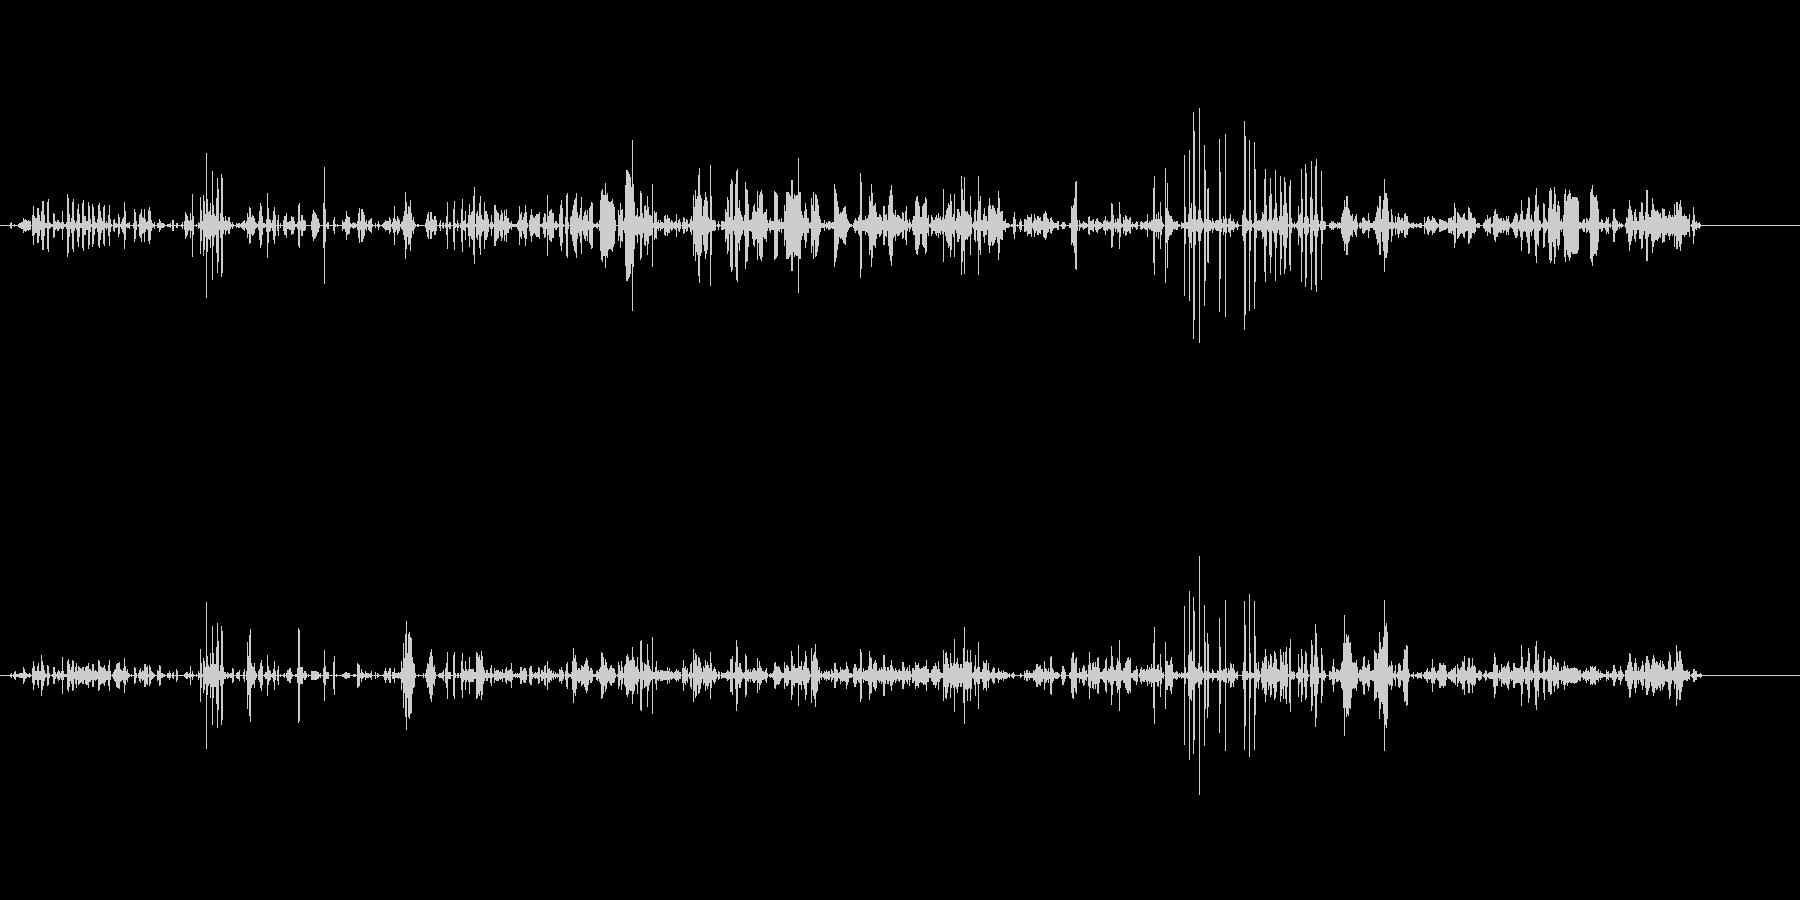 ビープ音;コンピュータのビープ音と...の未再生の波形